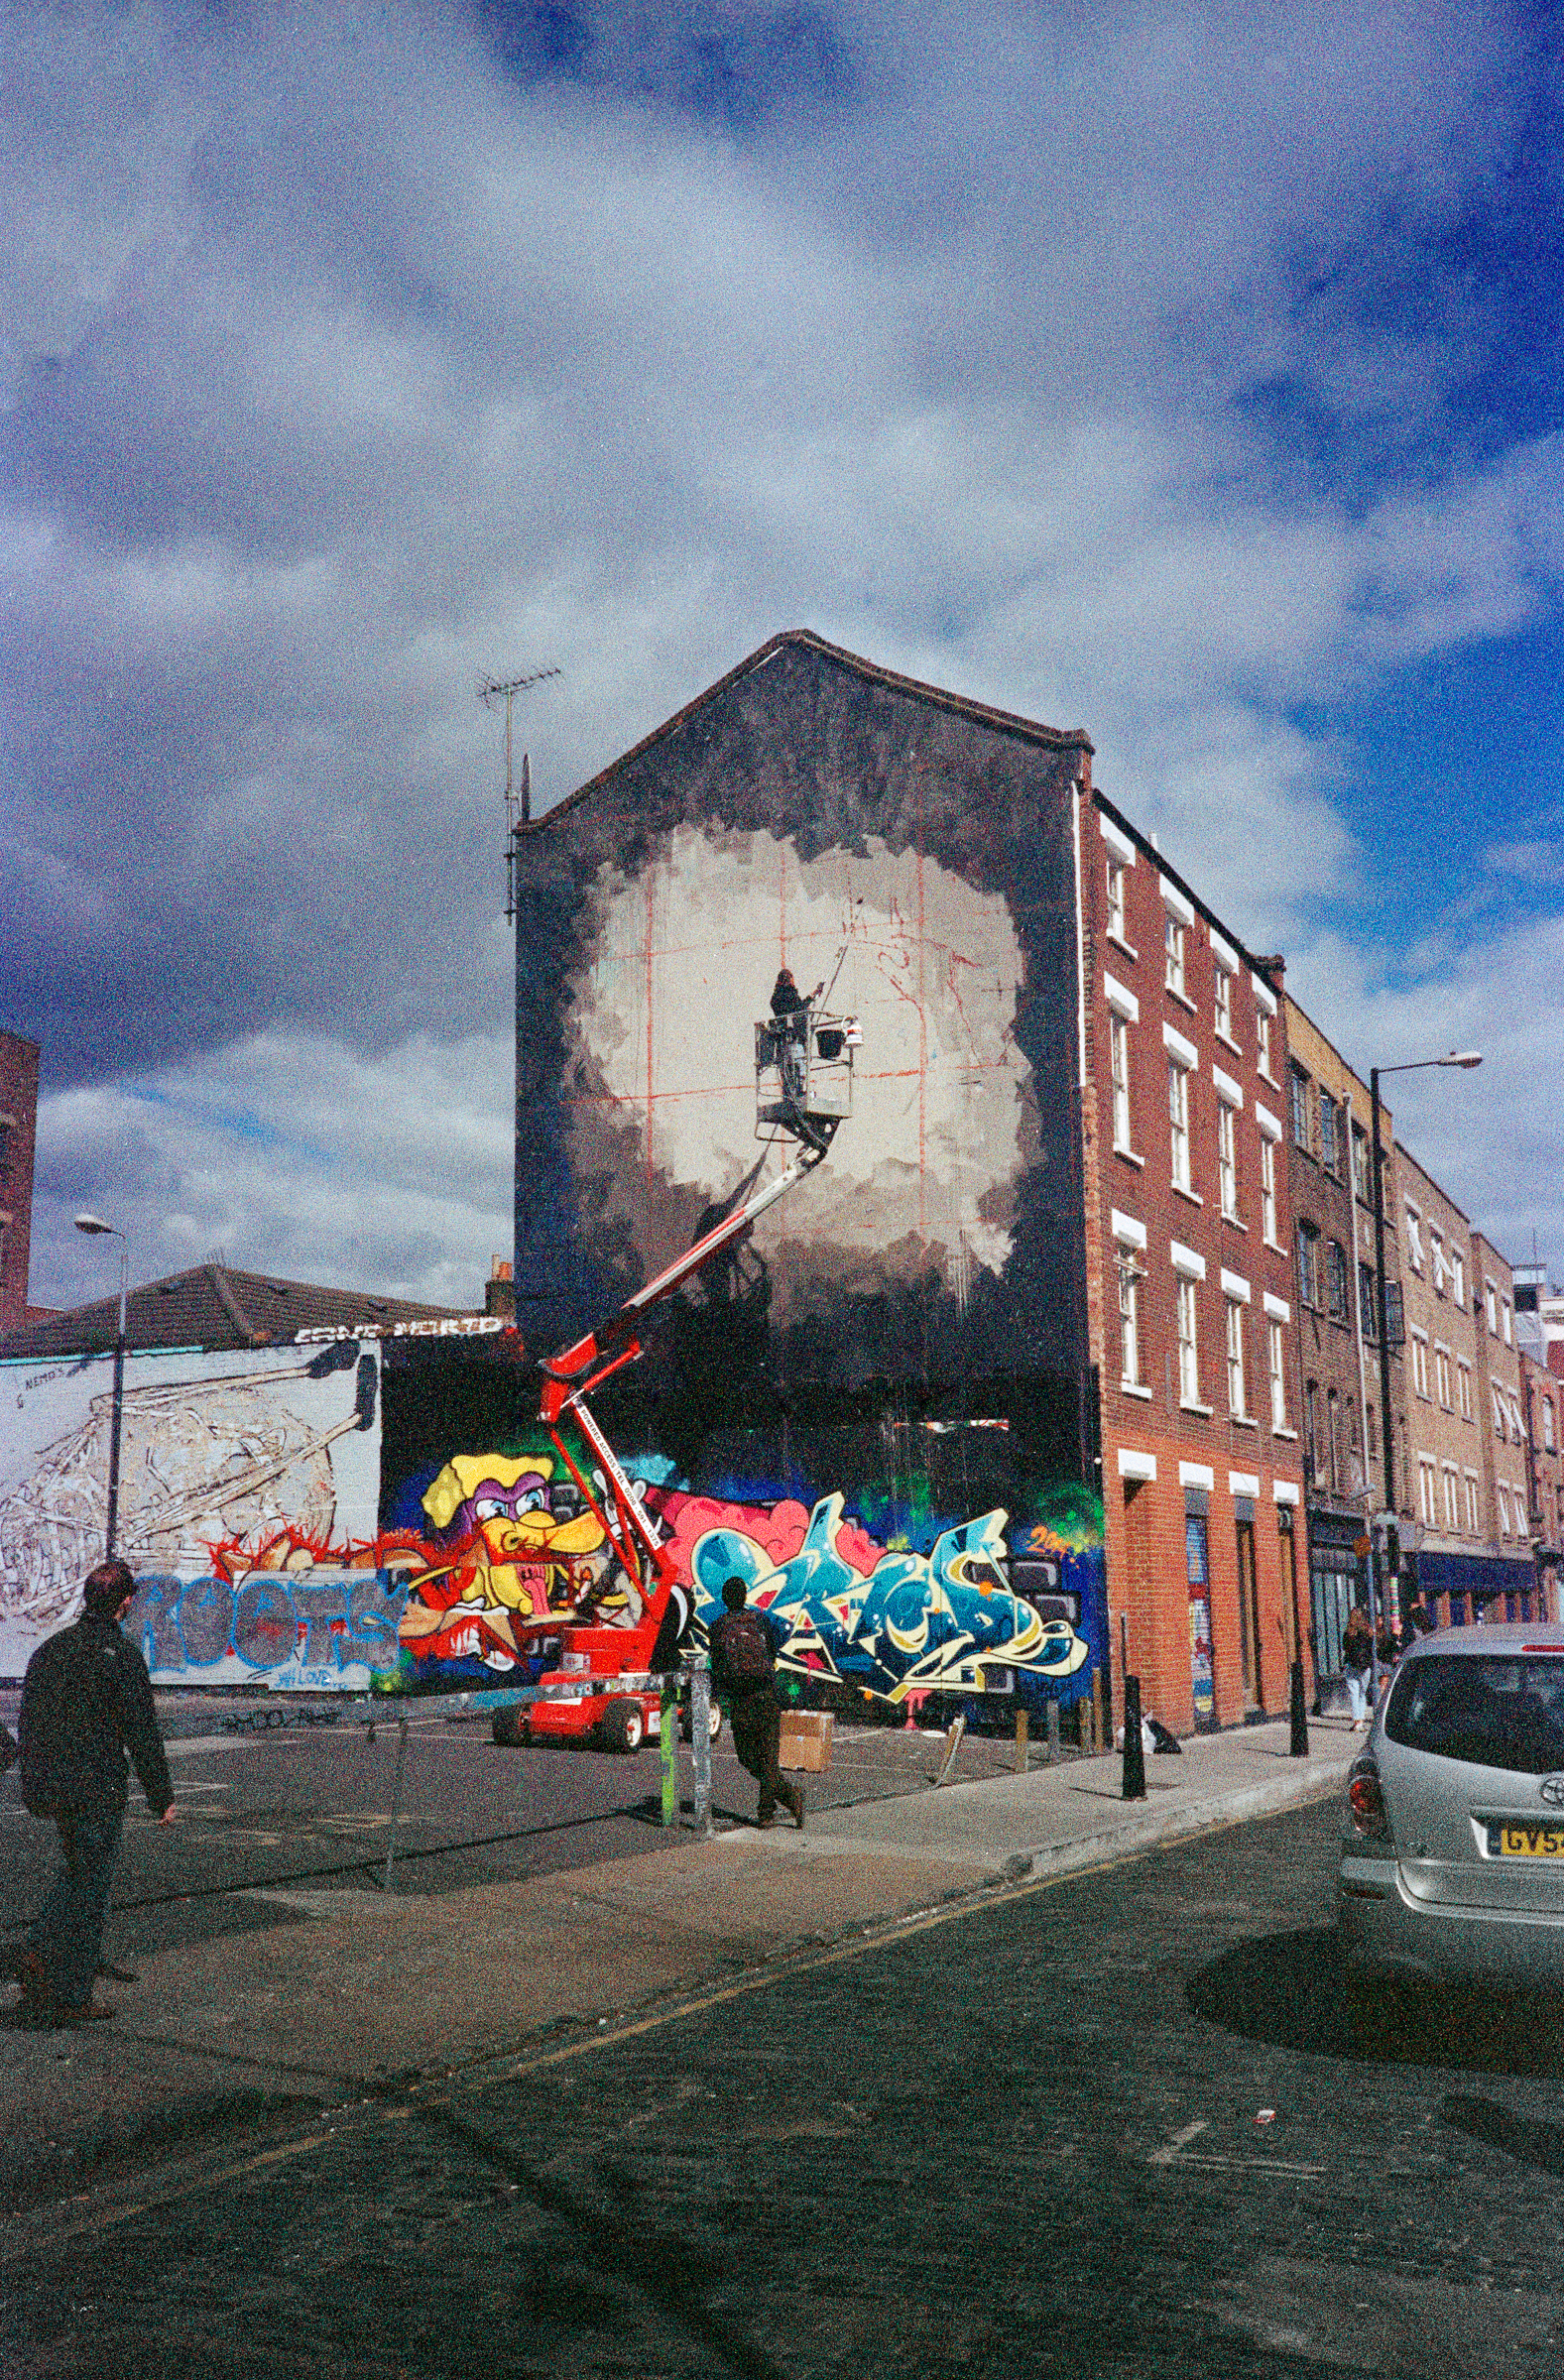 Mural, London (2014)